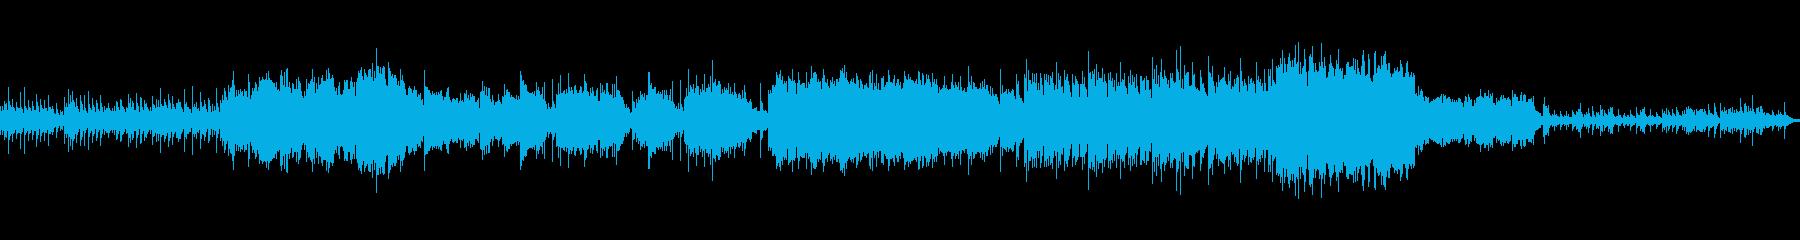 琴と笛による夏夜の星空のイメージの小曲の再生済みの波形